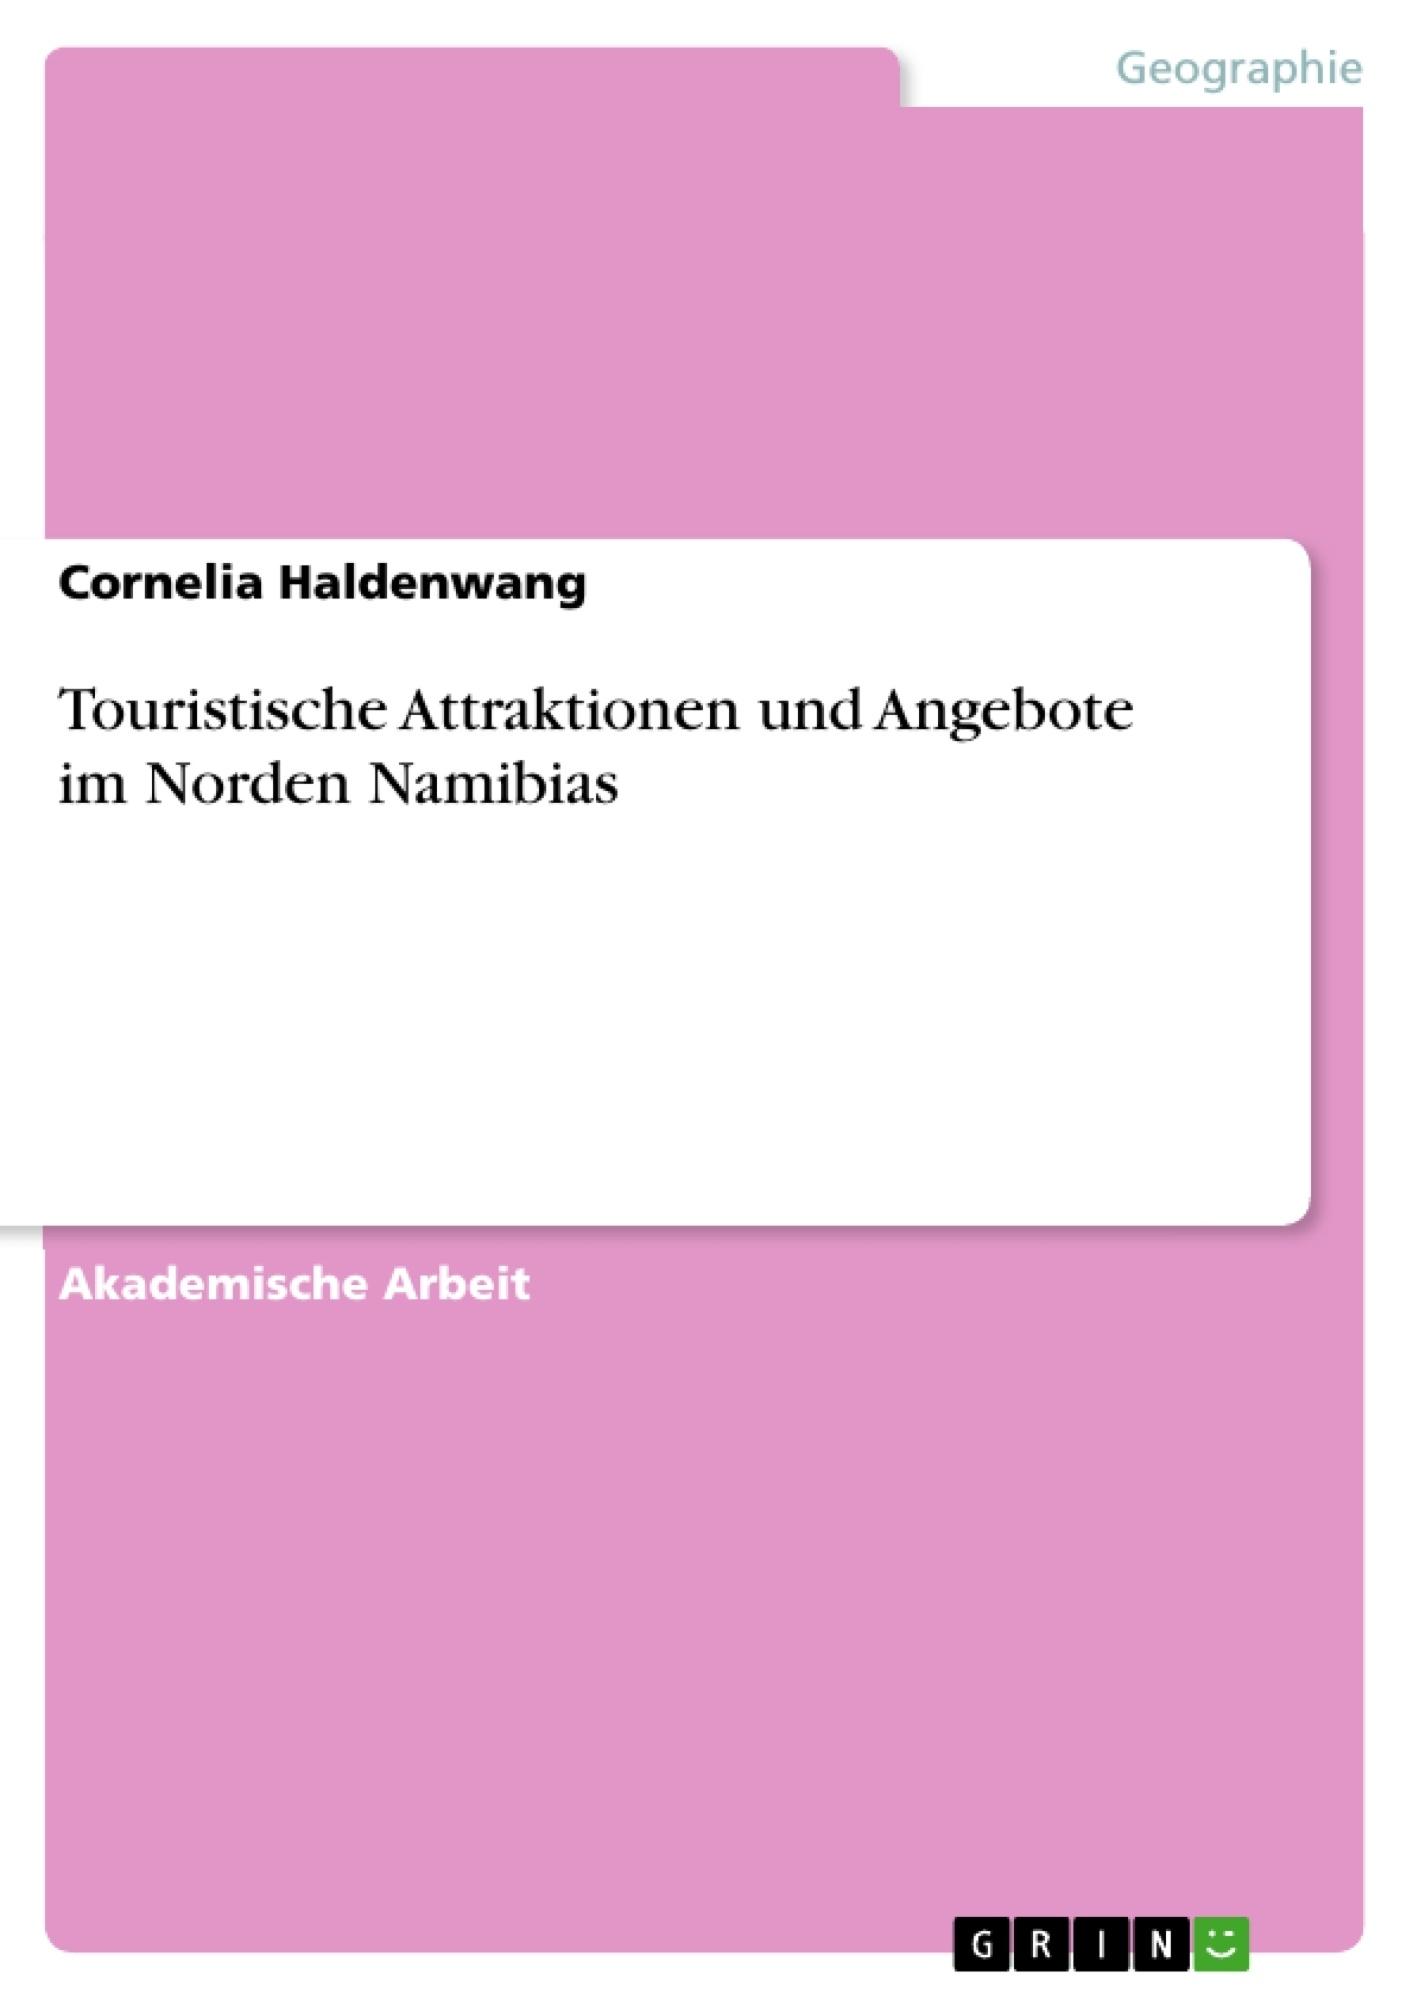 Titel: Touristische Attraktionen und Angebote im Norden Namibias